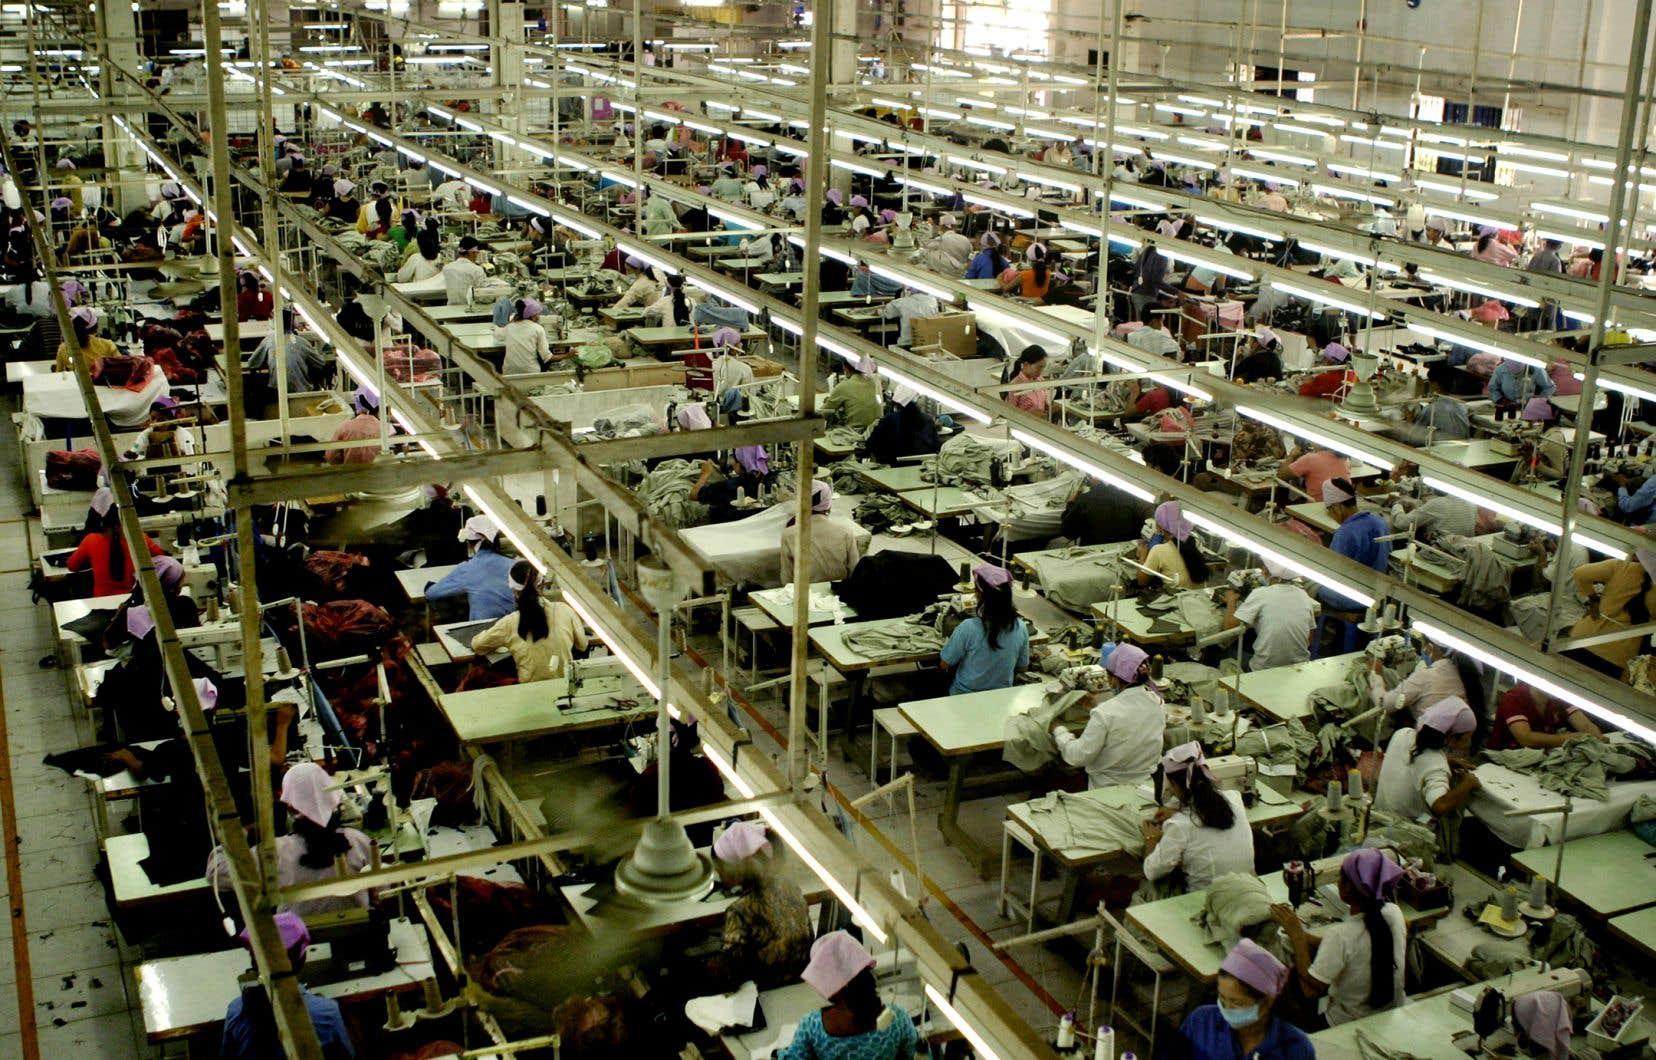 Une interdiction d'importer des biens issus du travail forcé a été adoptée en juillet 2020, mais elle n'est toujours pas mise en application, fait valoir le rapport de l'organisation Above Ground.